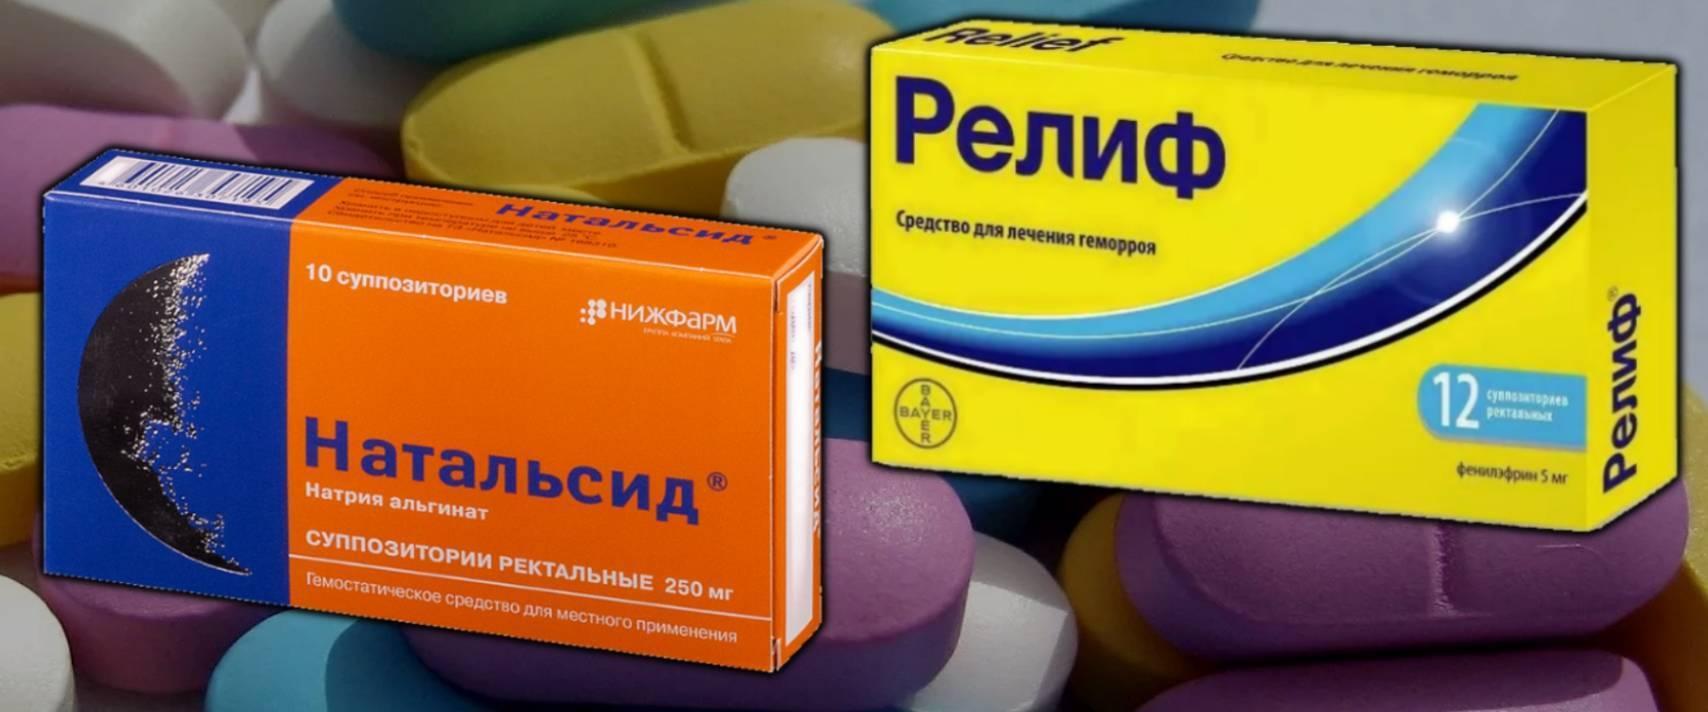 Какие антибиотики применяются при лечении геморроя